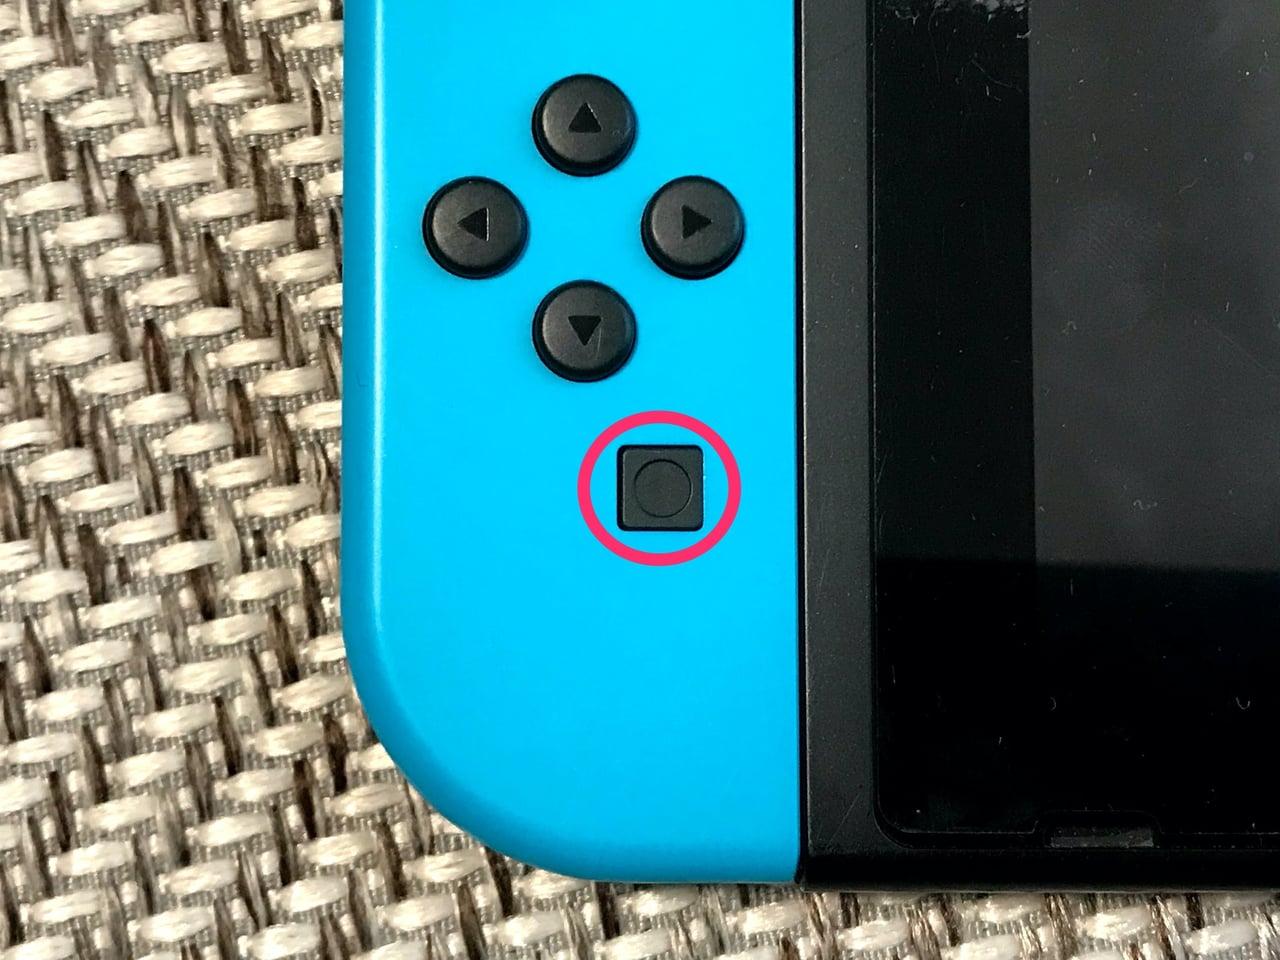 スイッチ標準コントローラーの撮影ボタン